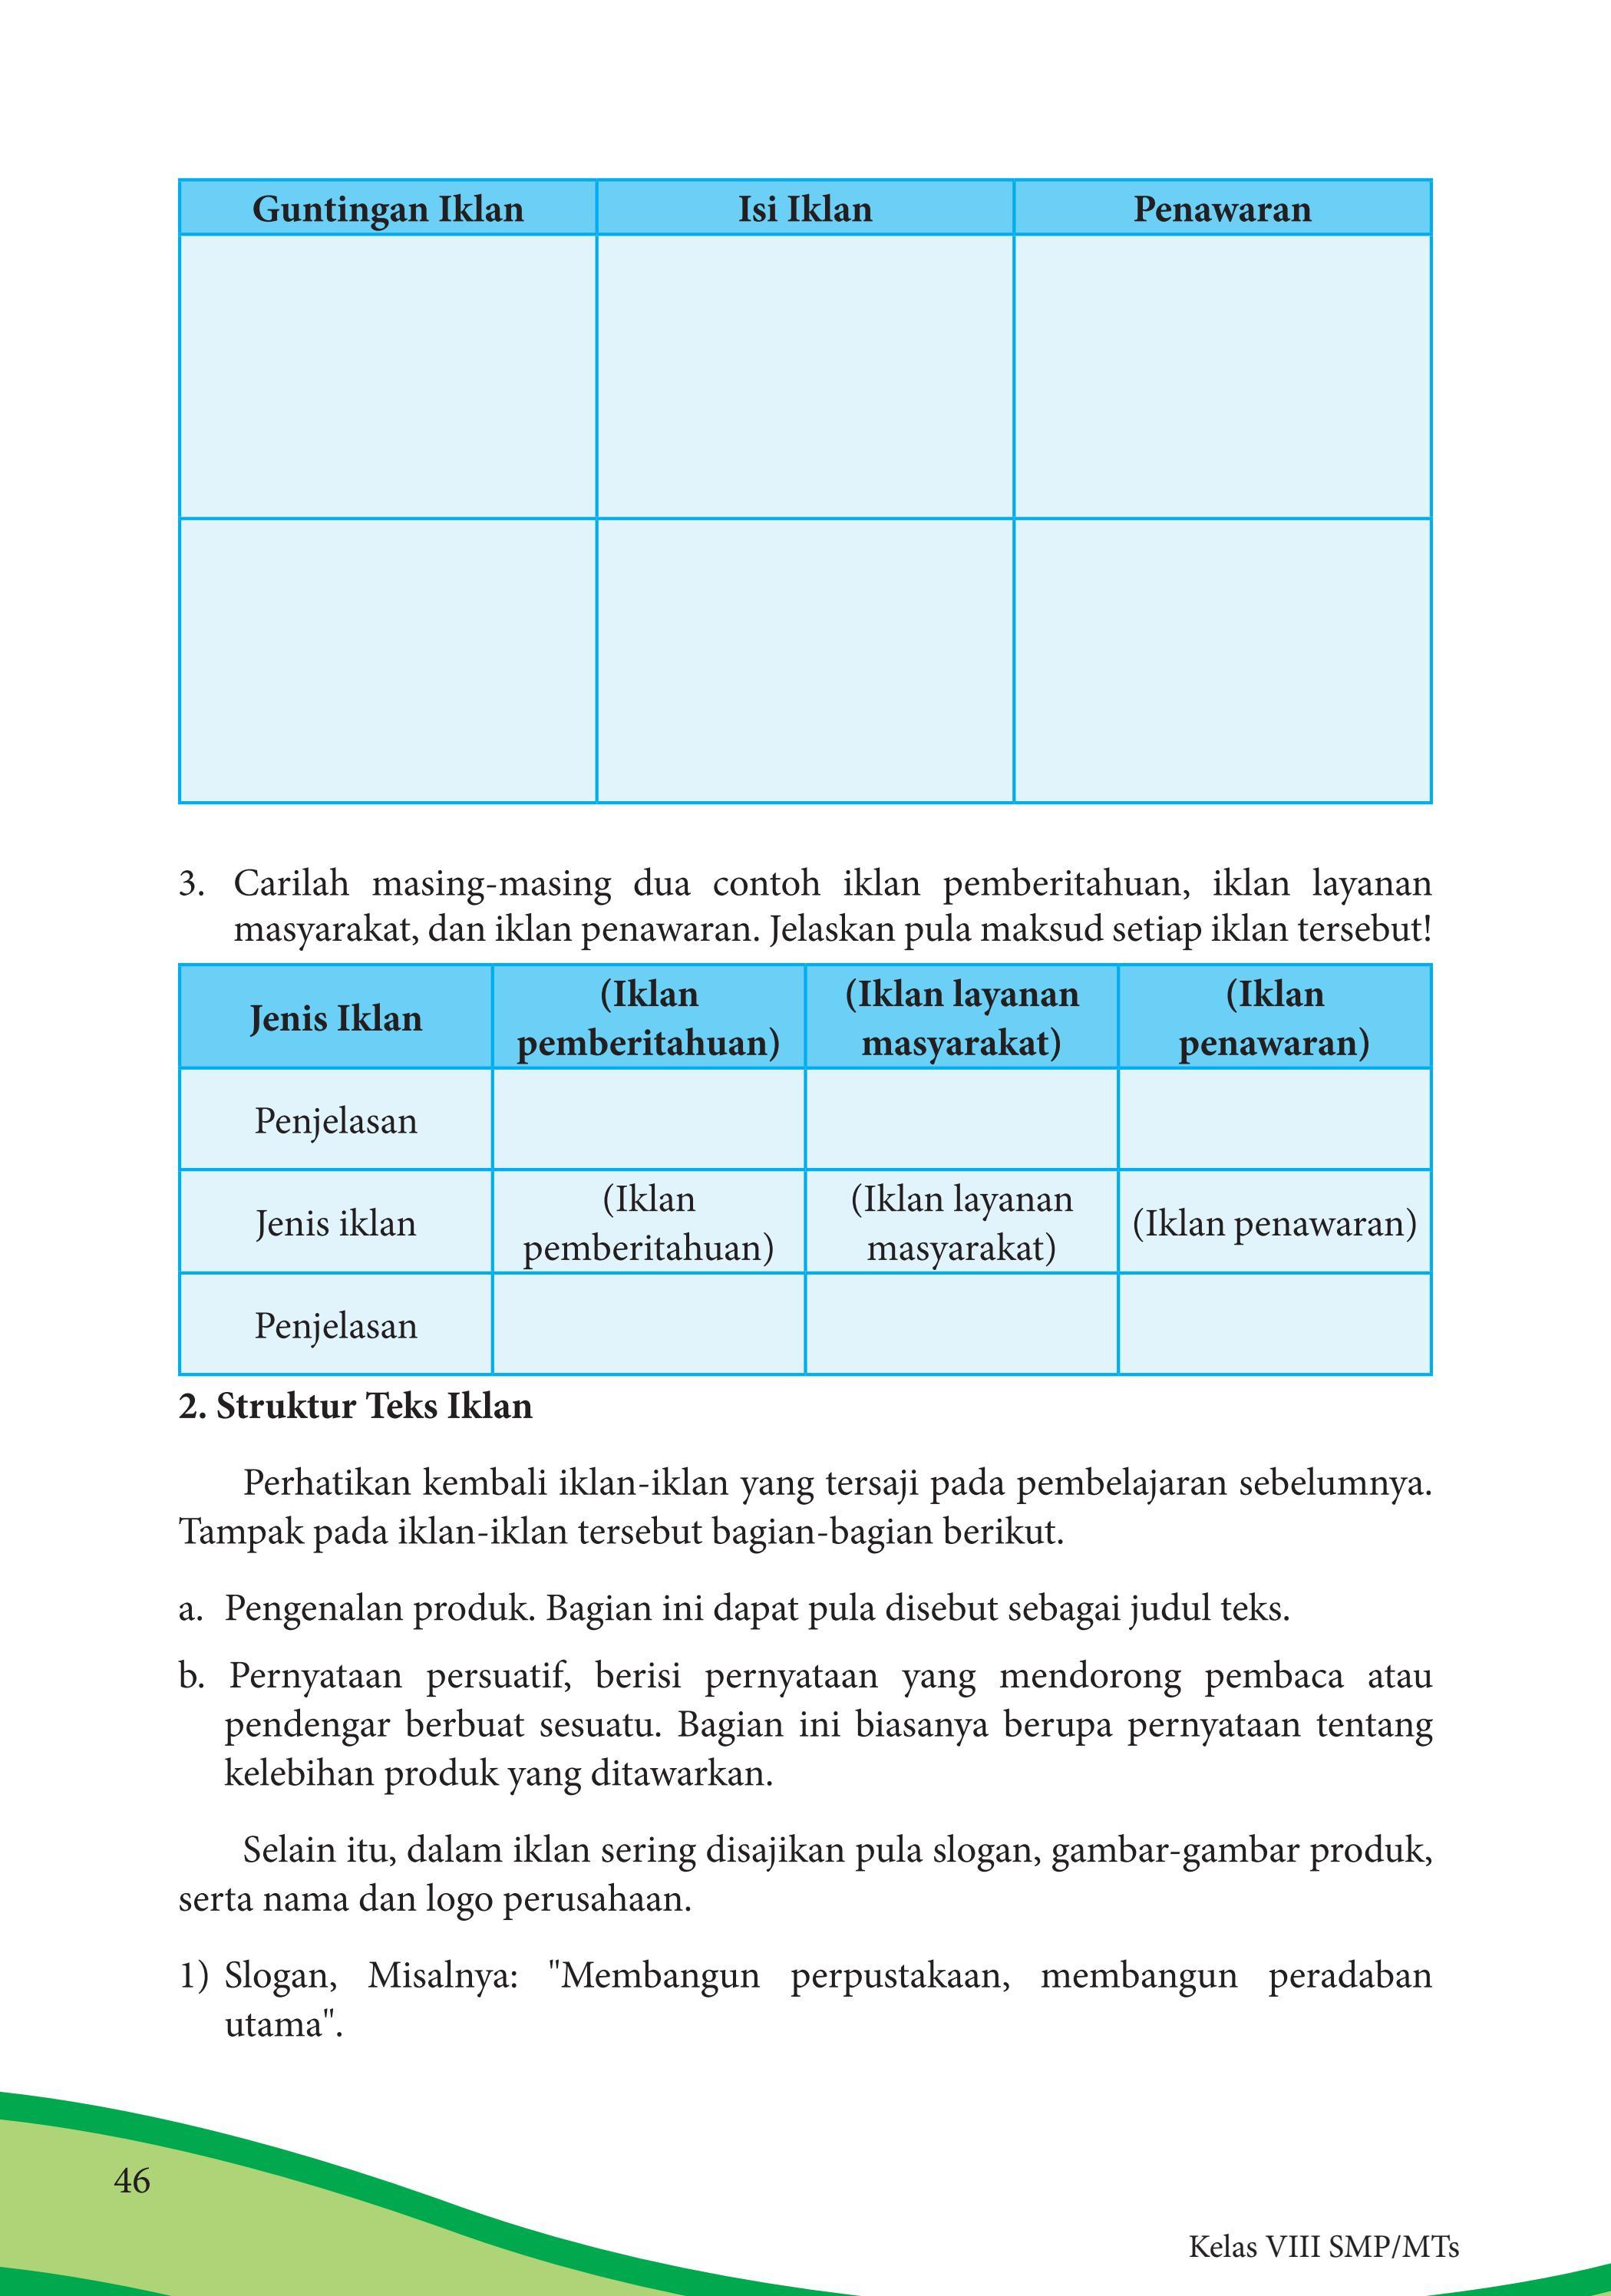 Materi Pelajaran 8 Contoh Gambar Iklan Pemberitahuan Iklan